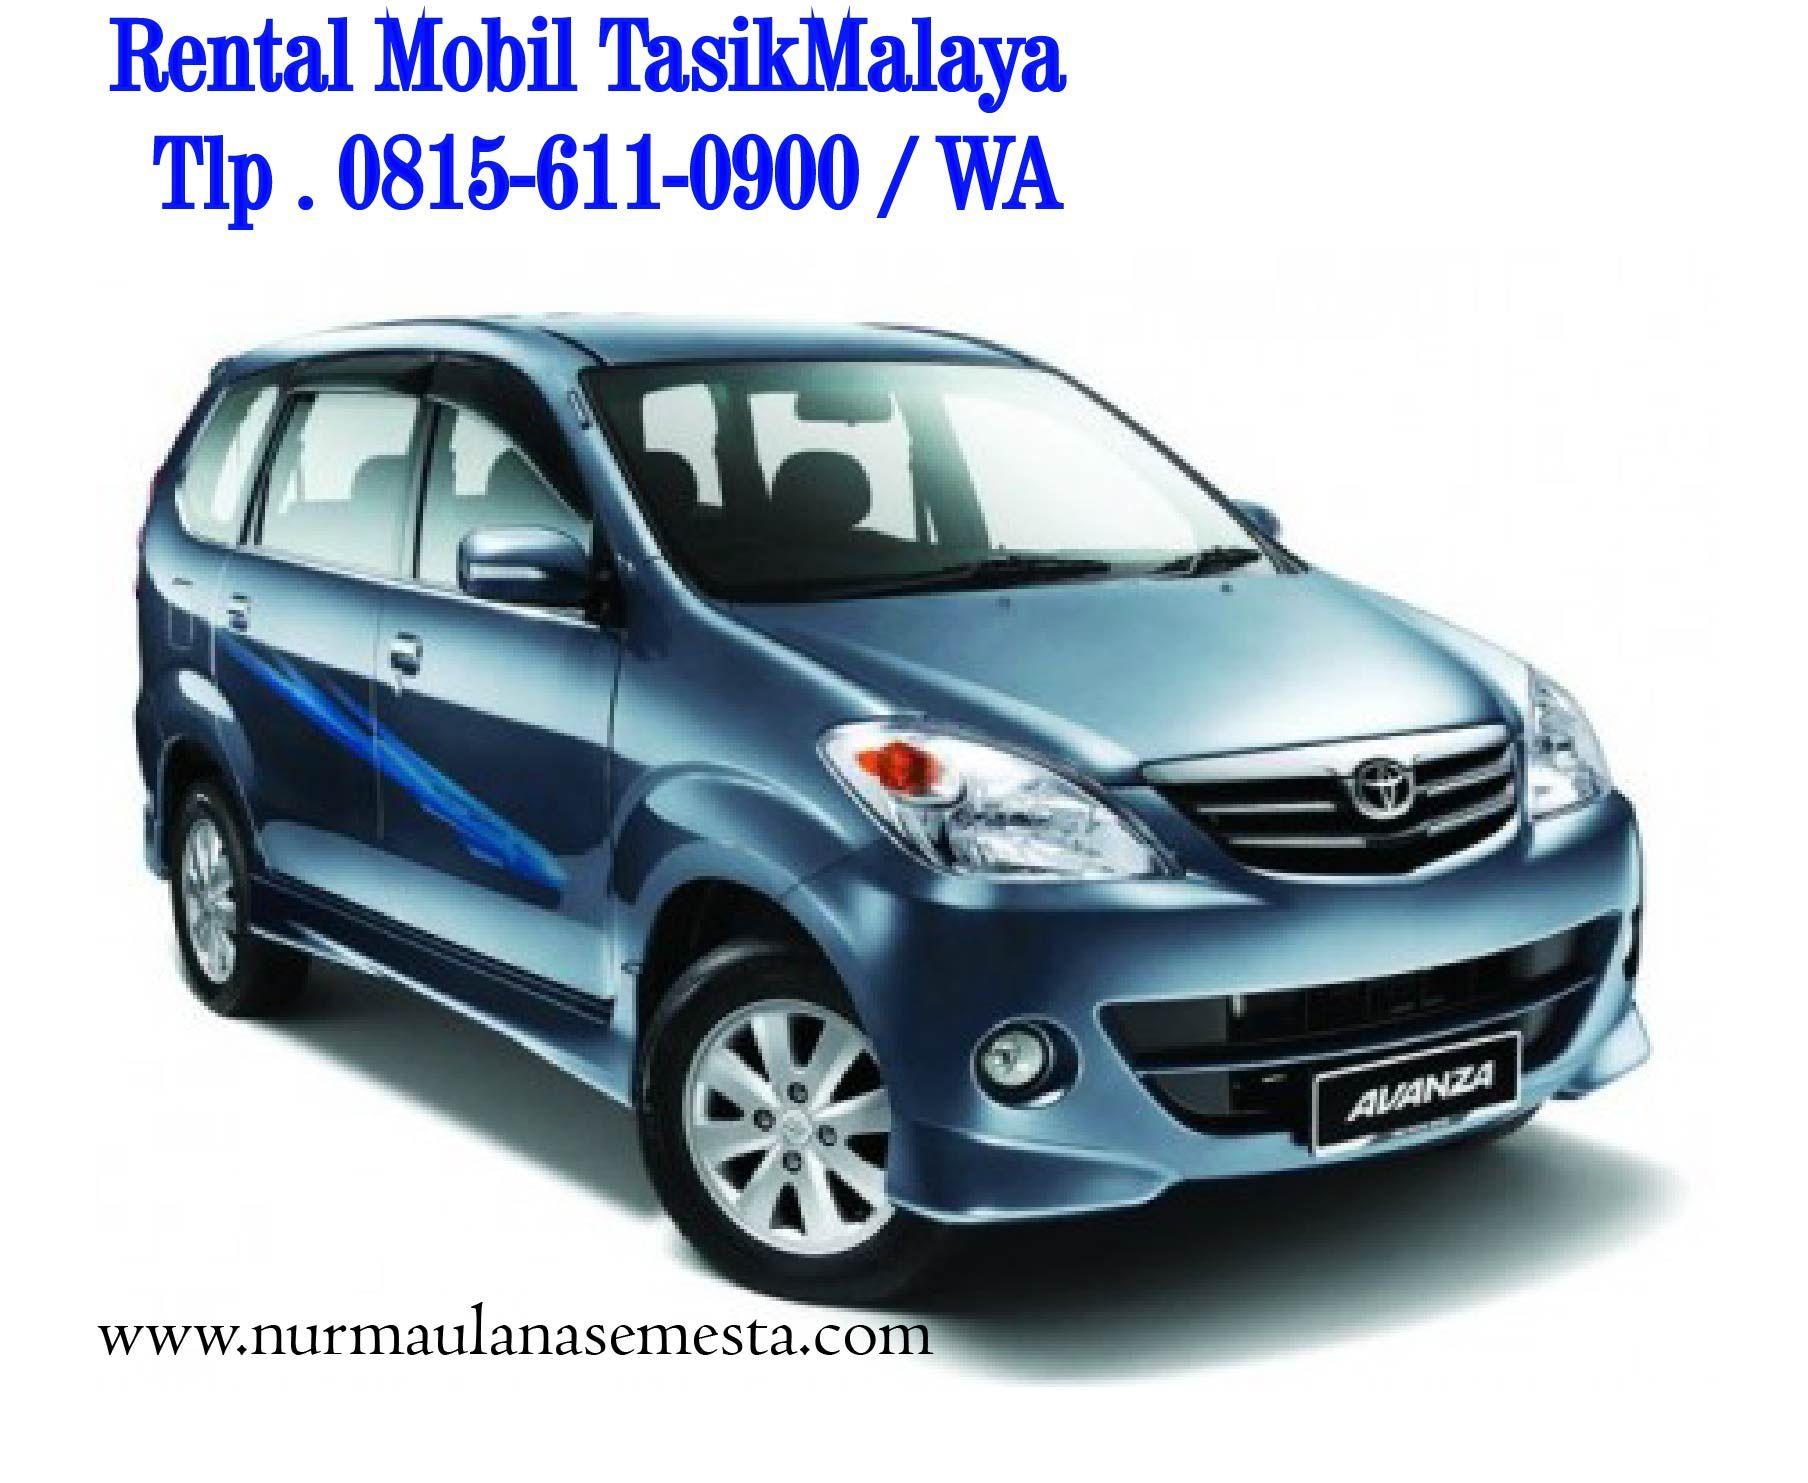 Rental Mobil Tasikmalaya Indihiang Rental Mobil Tasikmalaya Kota